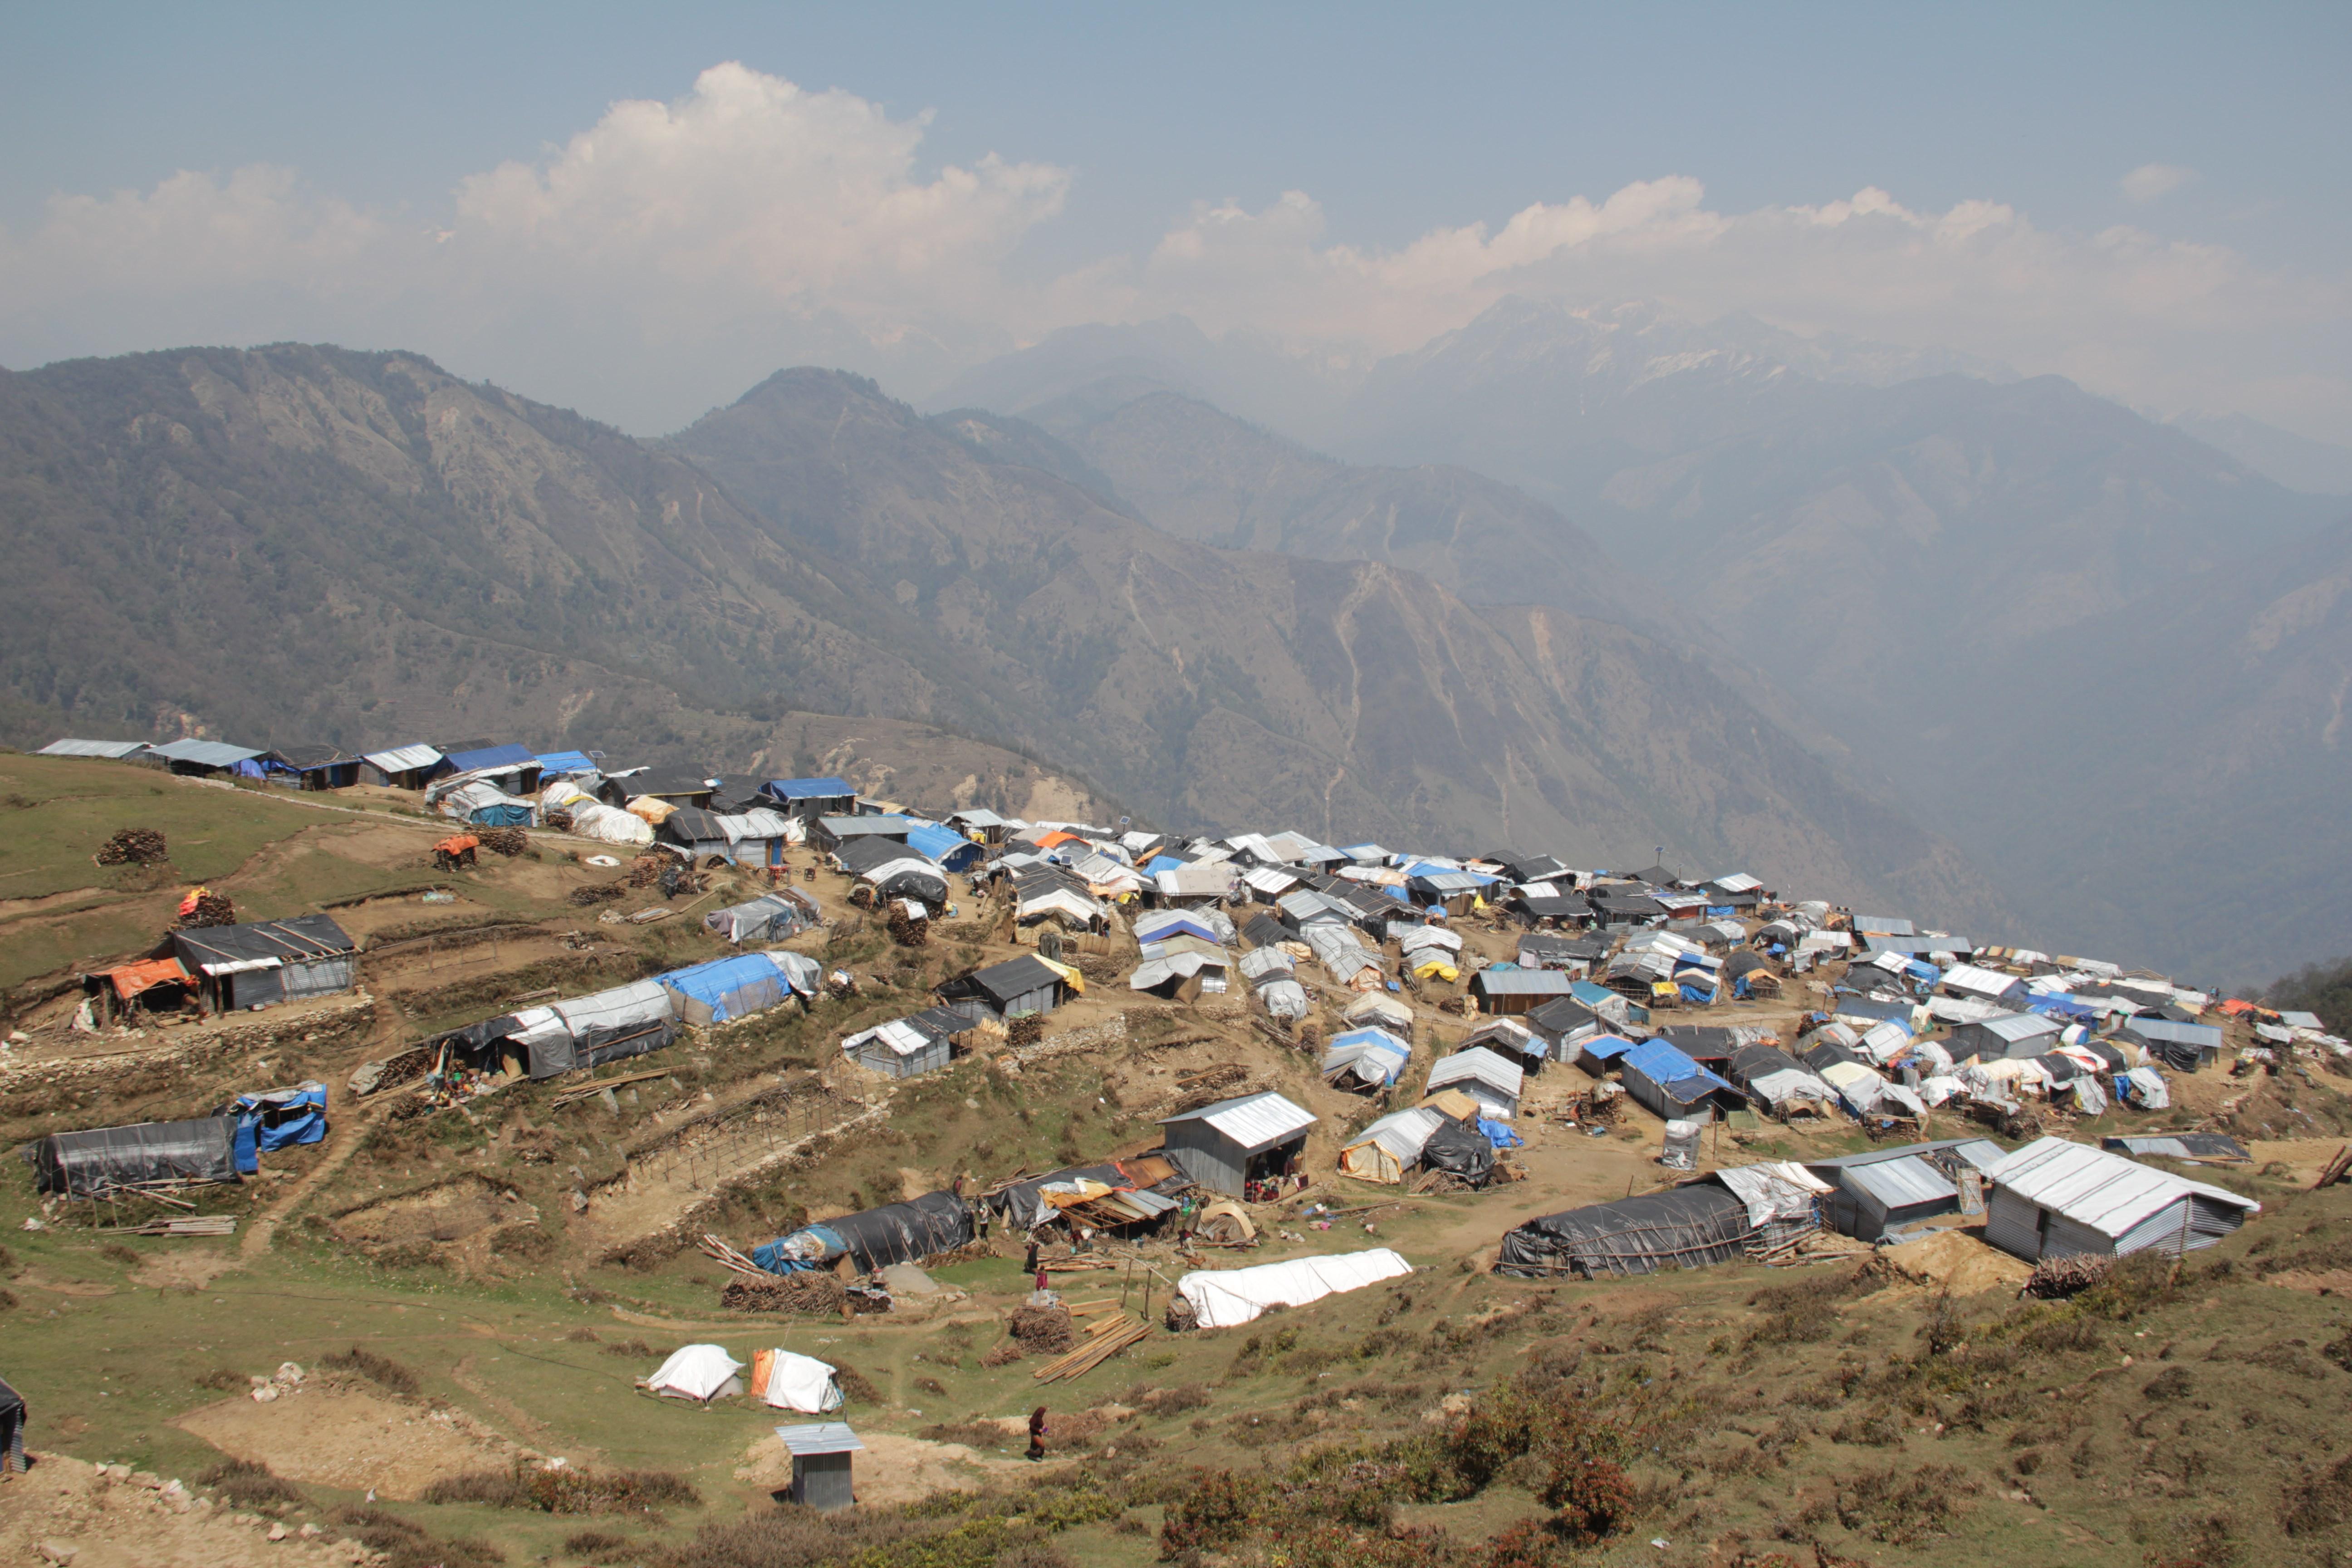 Des centaines d'abris en tôles parsèment le terrain de Gupsi, à deux heures de marche de Laprak (© Jérôme Decoster).